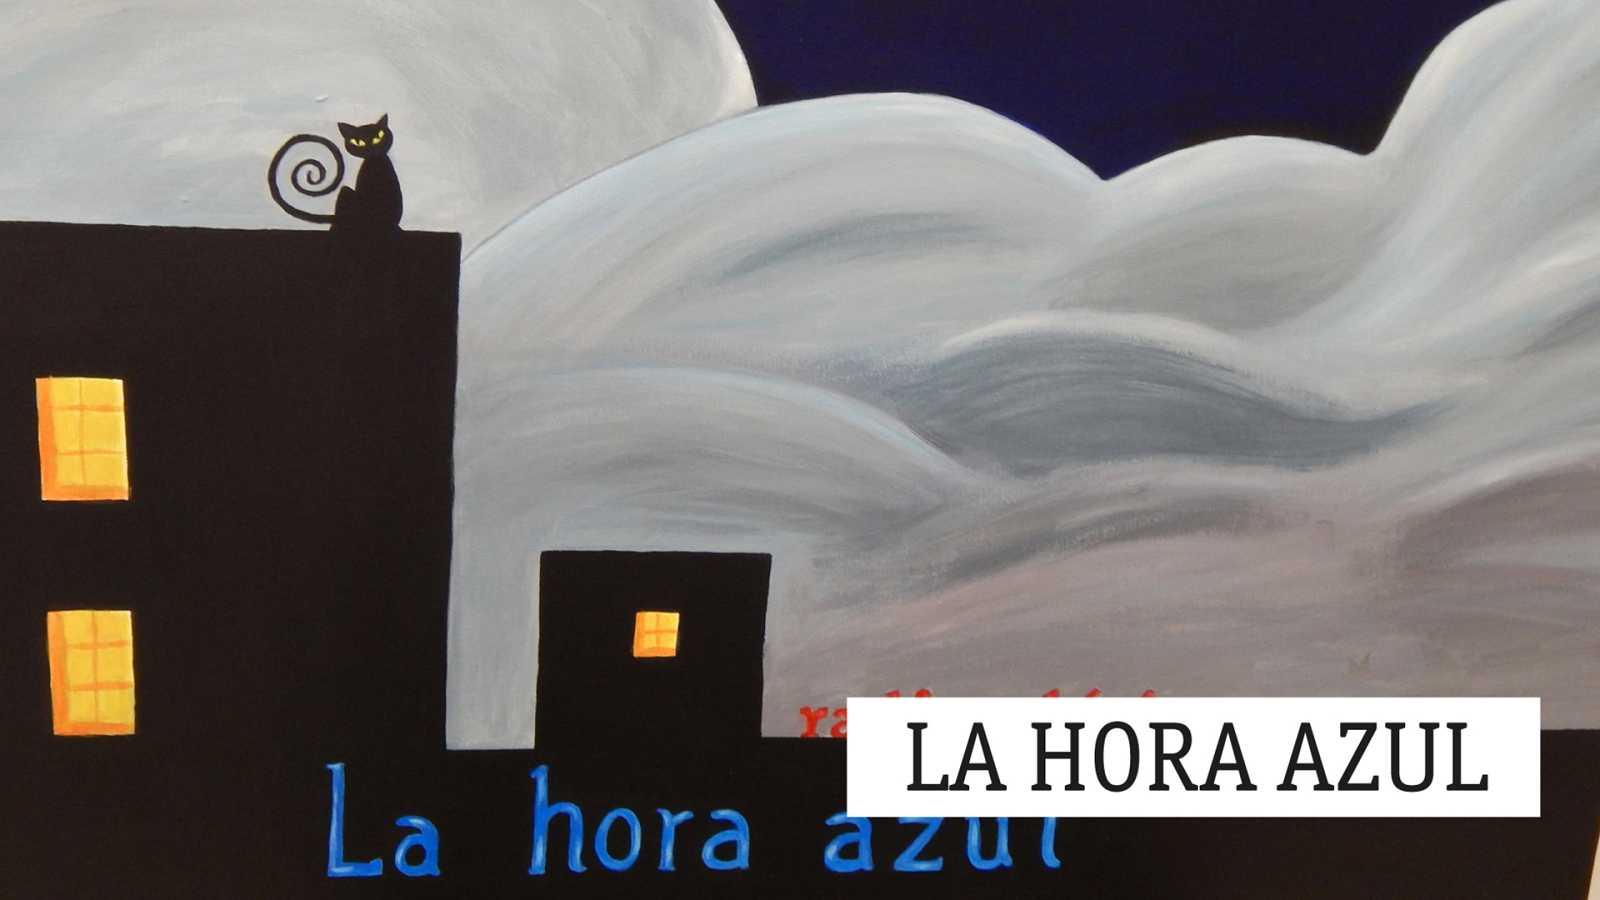 La hora azul - Miedo, compañía de pájaros - 23/11/20 - escuchar ahora